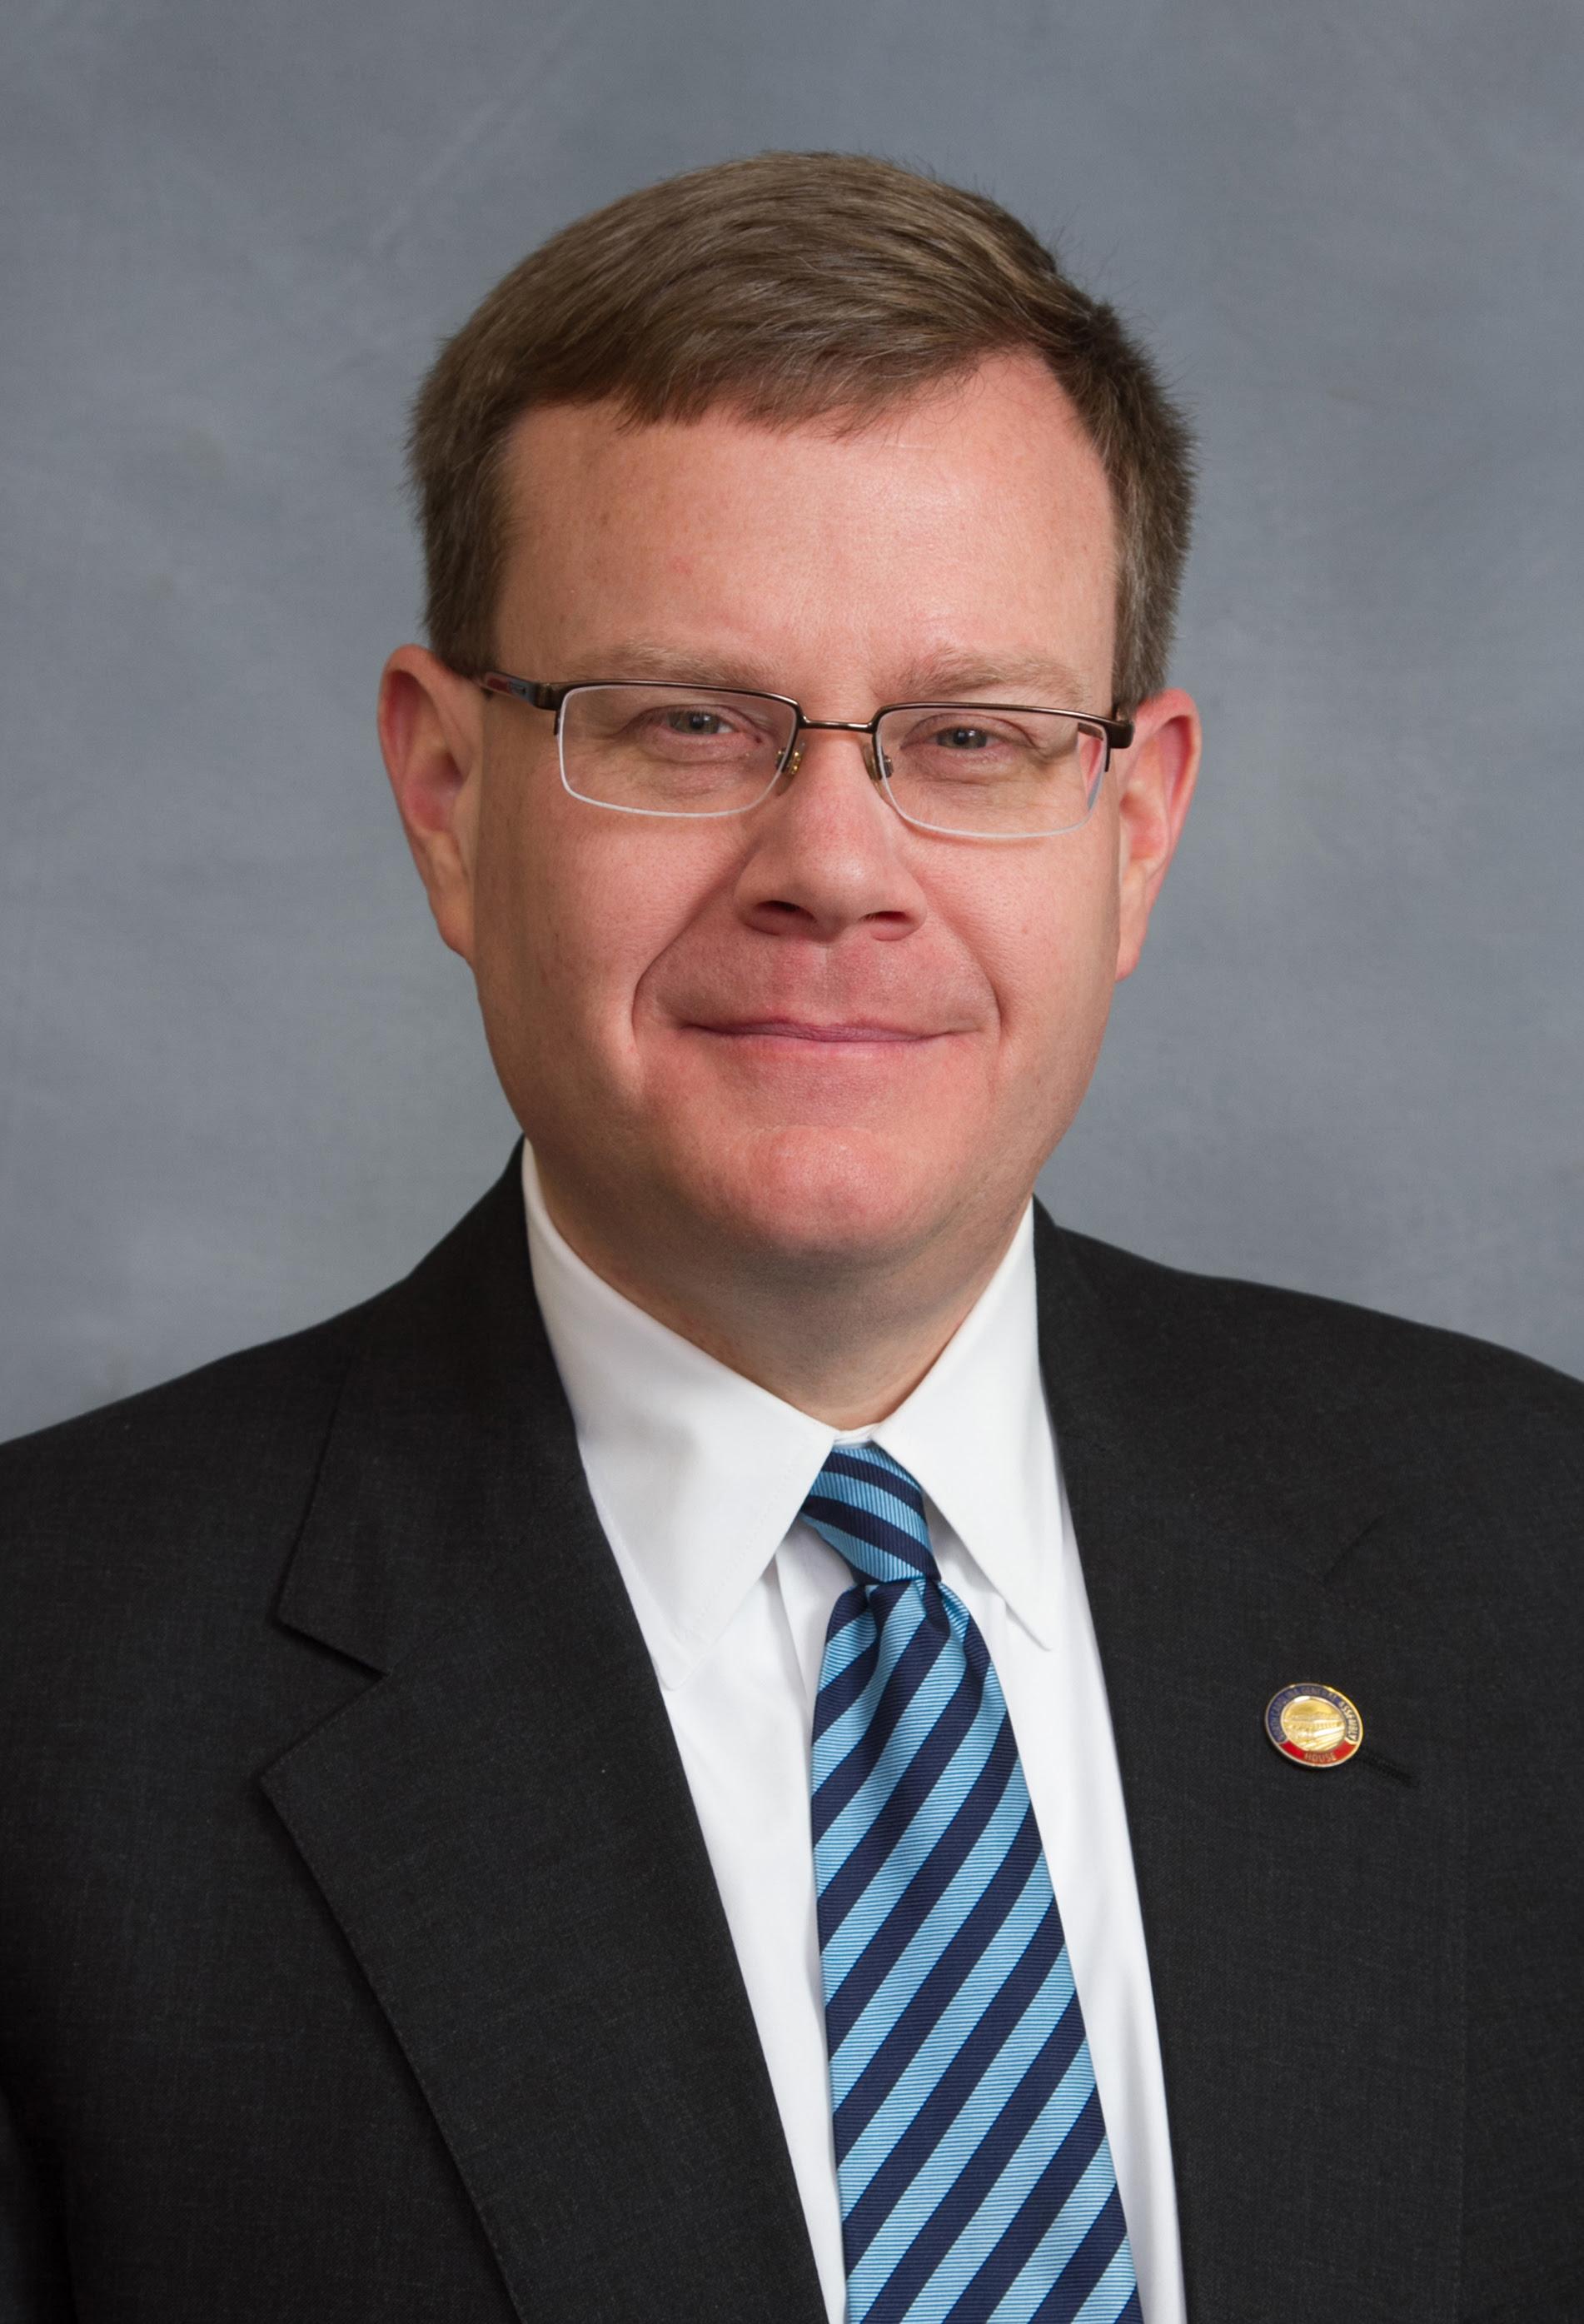 Speaker_Tim_Moore.jpg